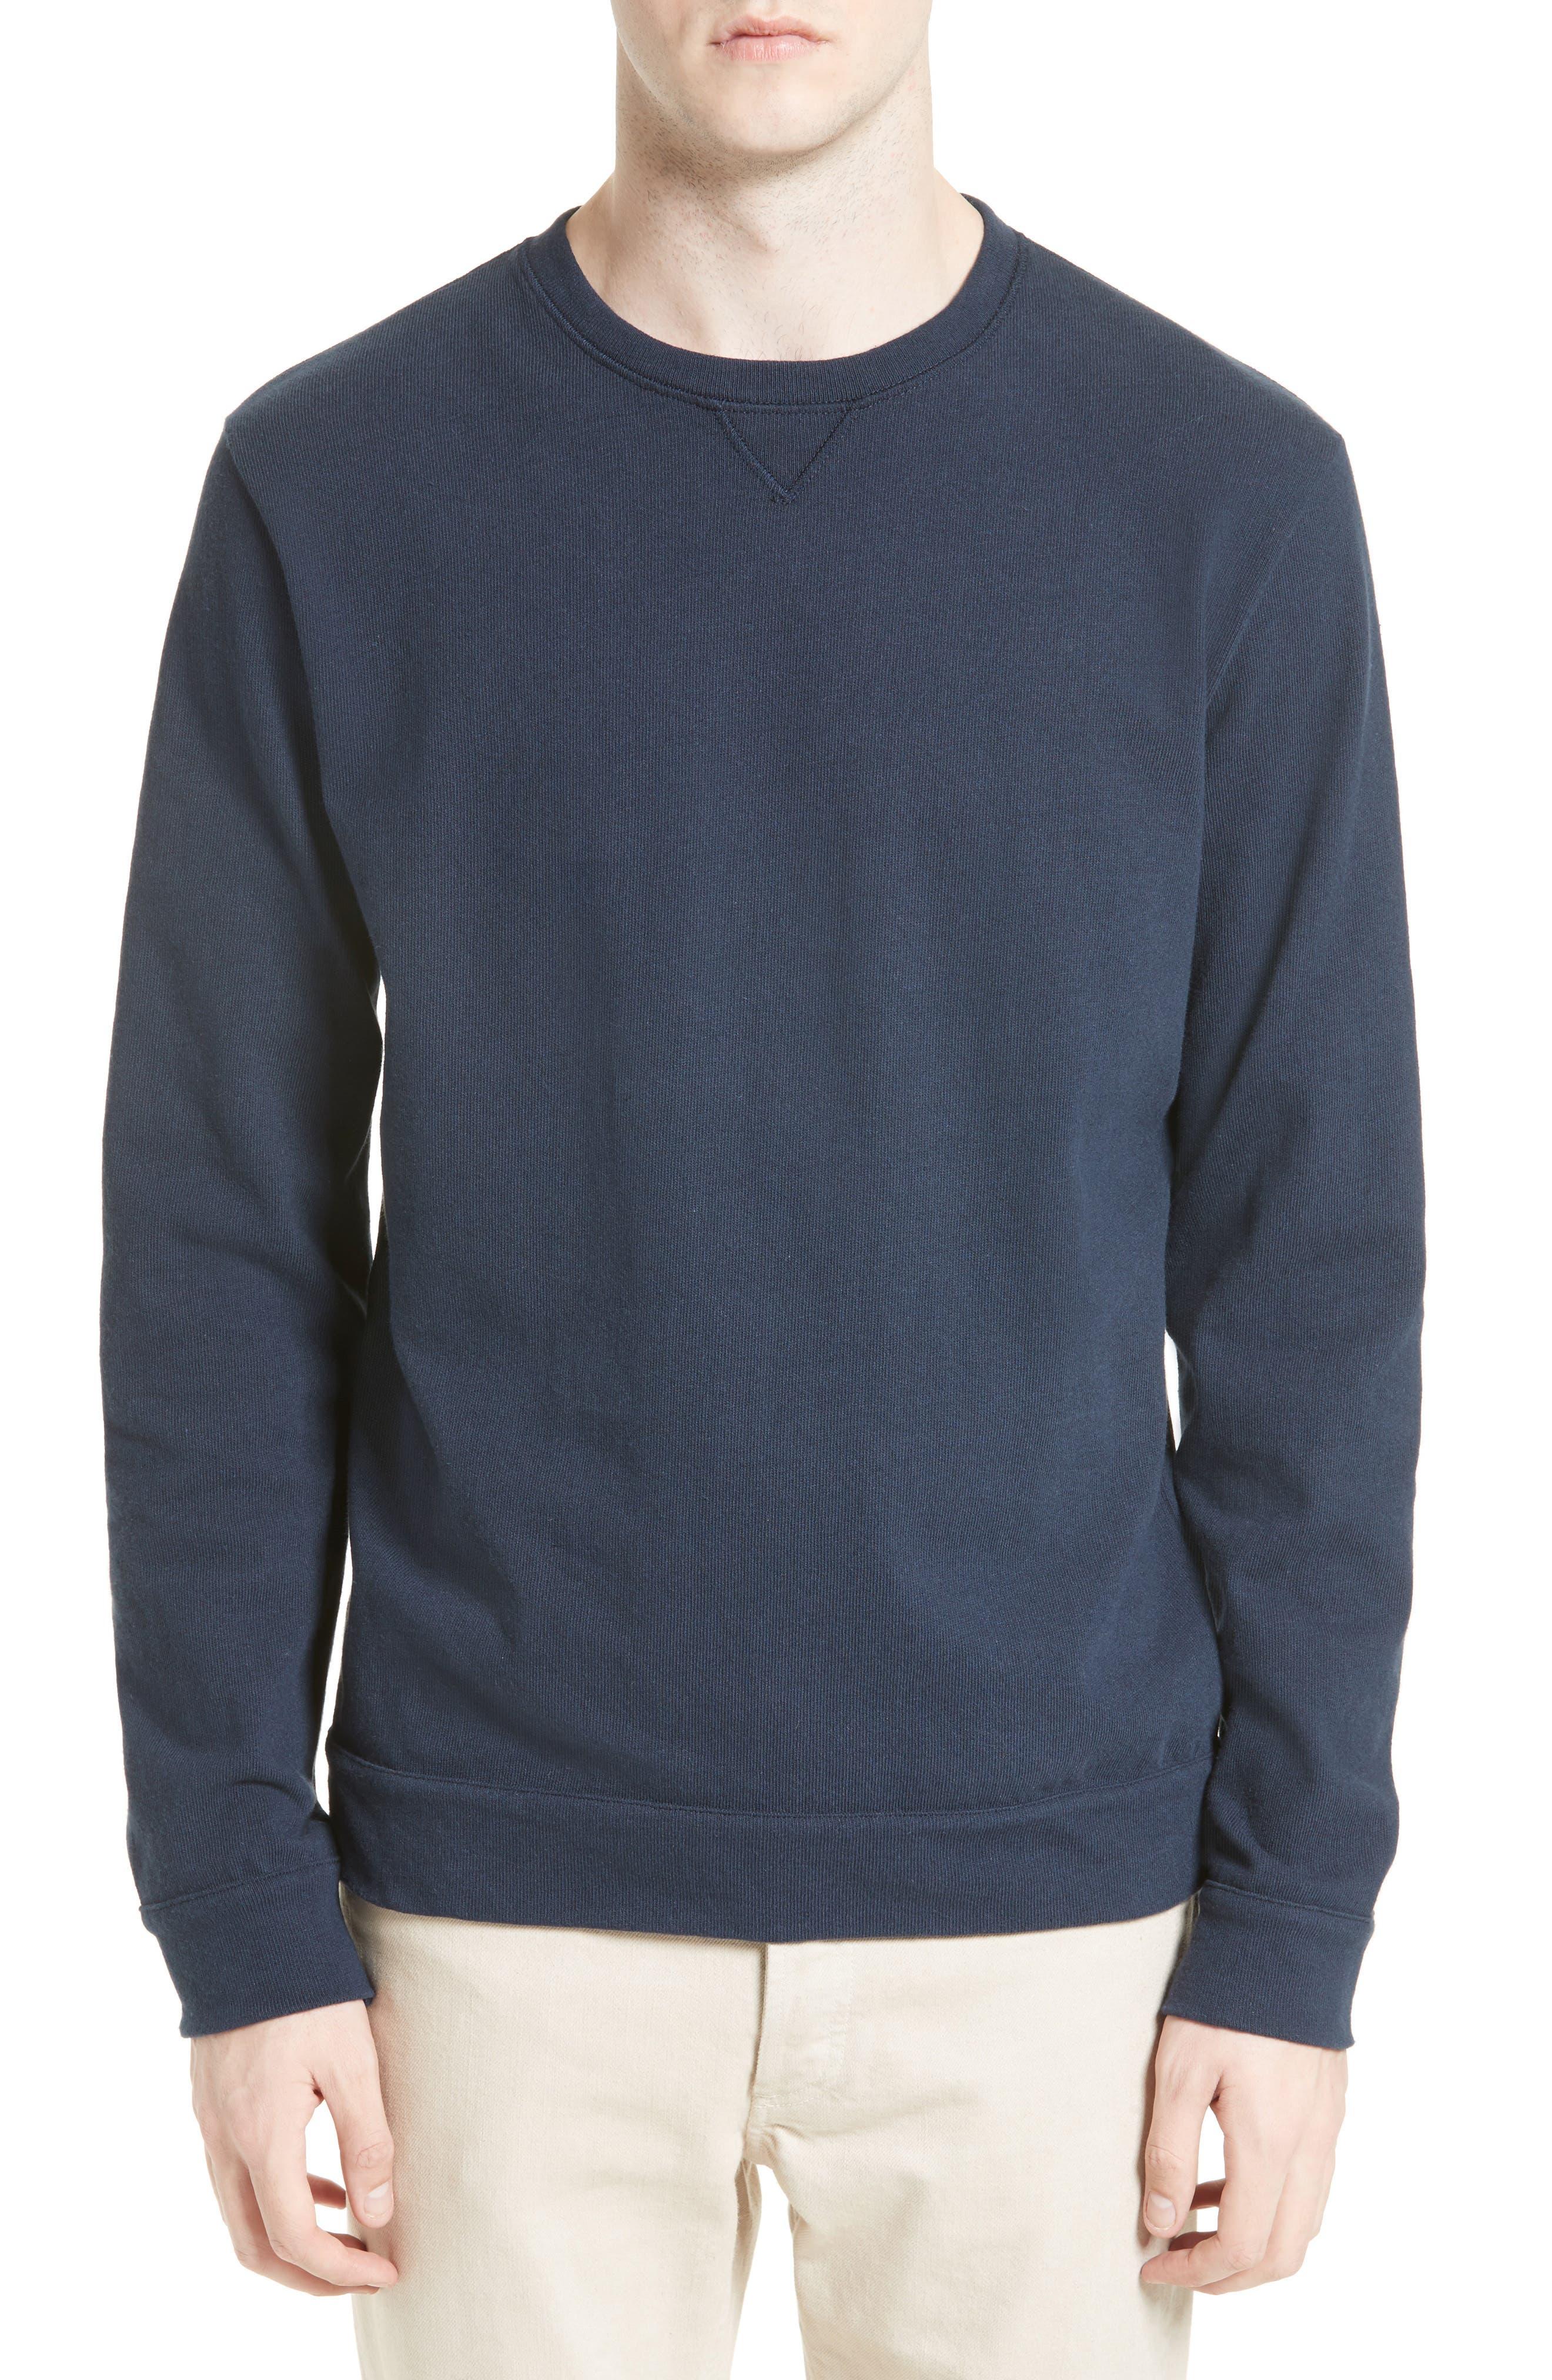 Hike Sweatshirt,                             Main thumbnail 1, color,                             410